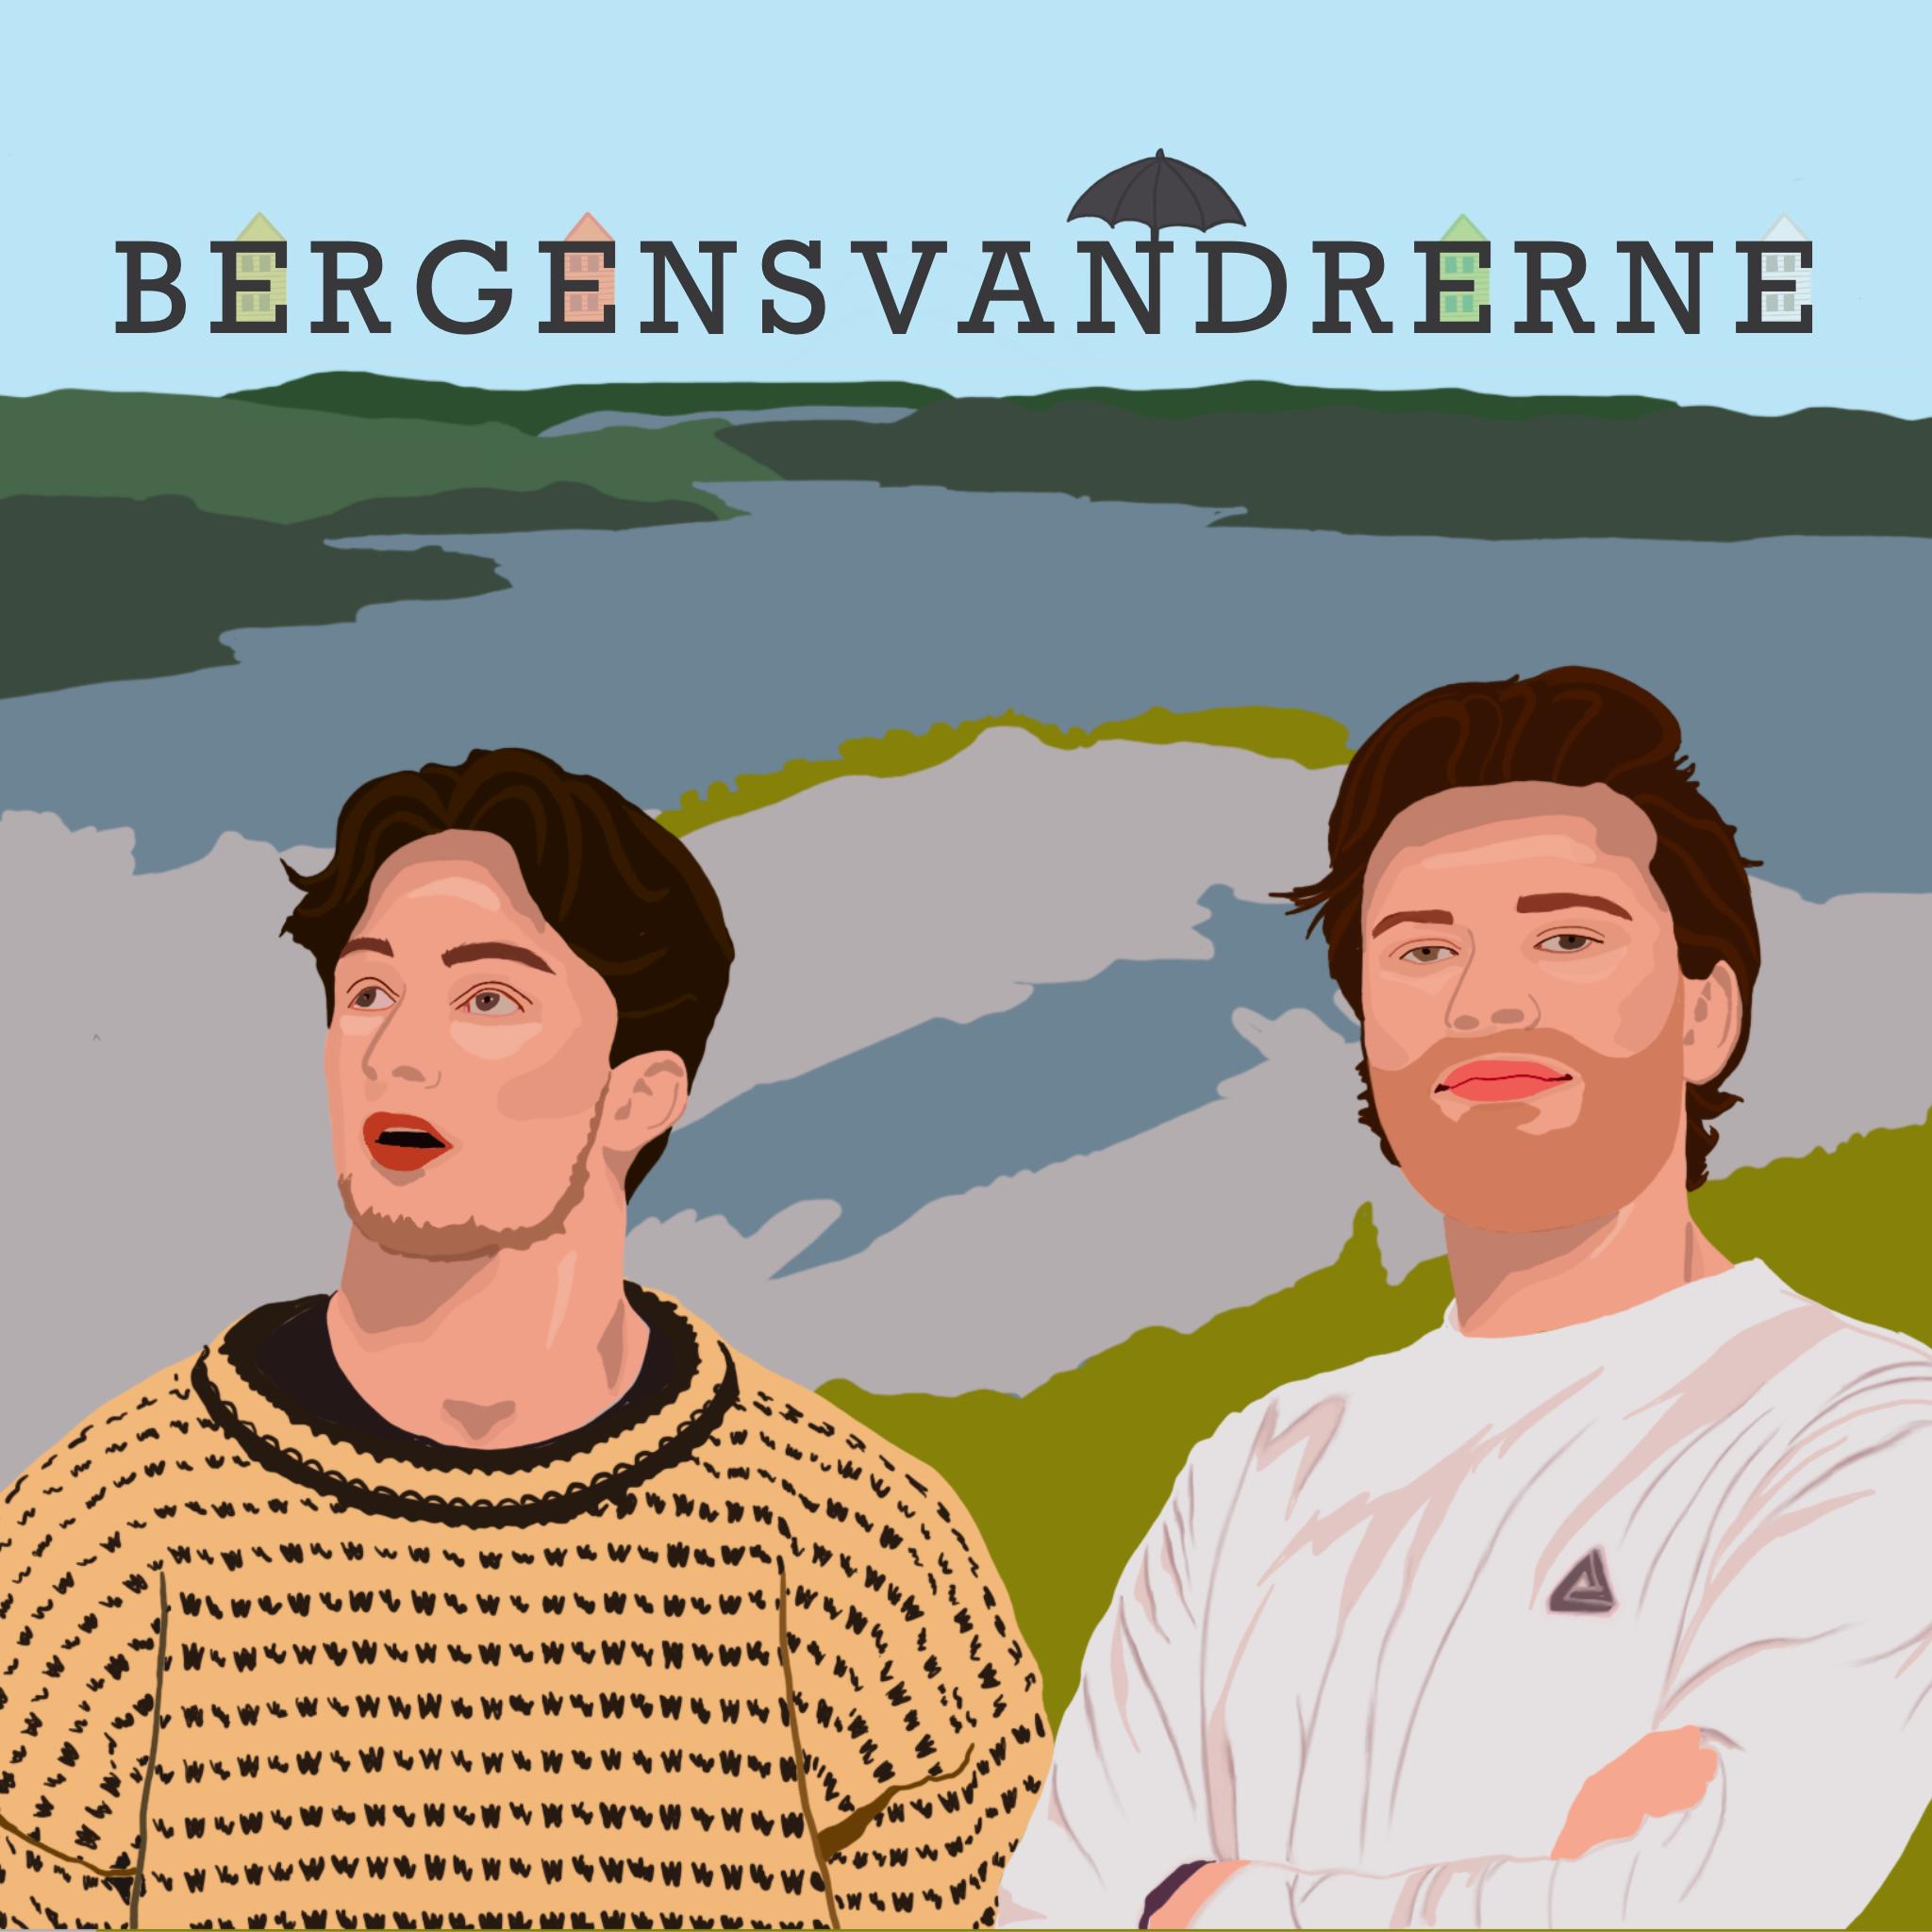 Bergensvandrerne